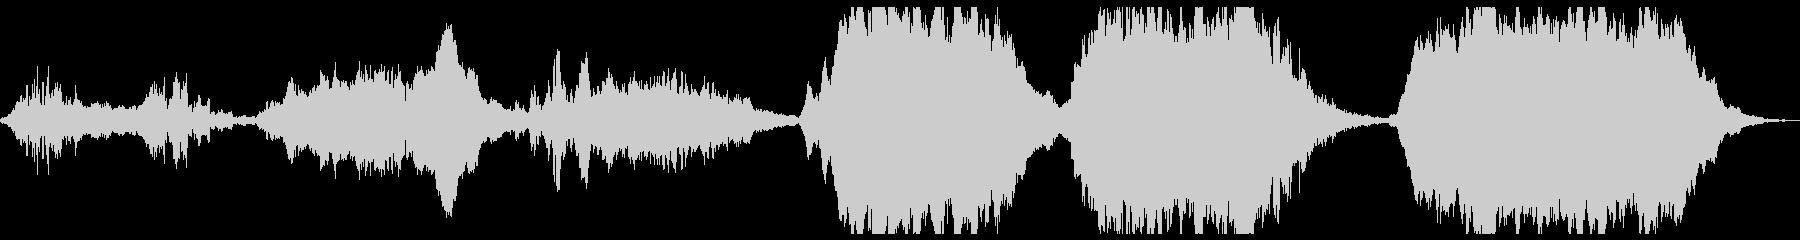 波のあるリズムのアンビエントの未再生の波形